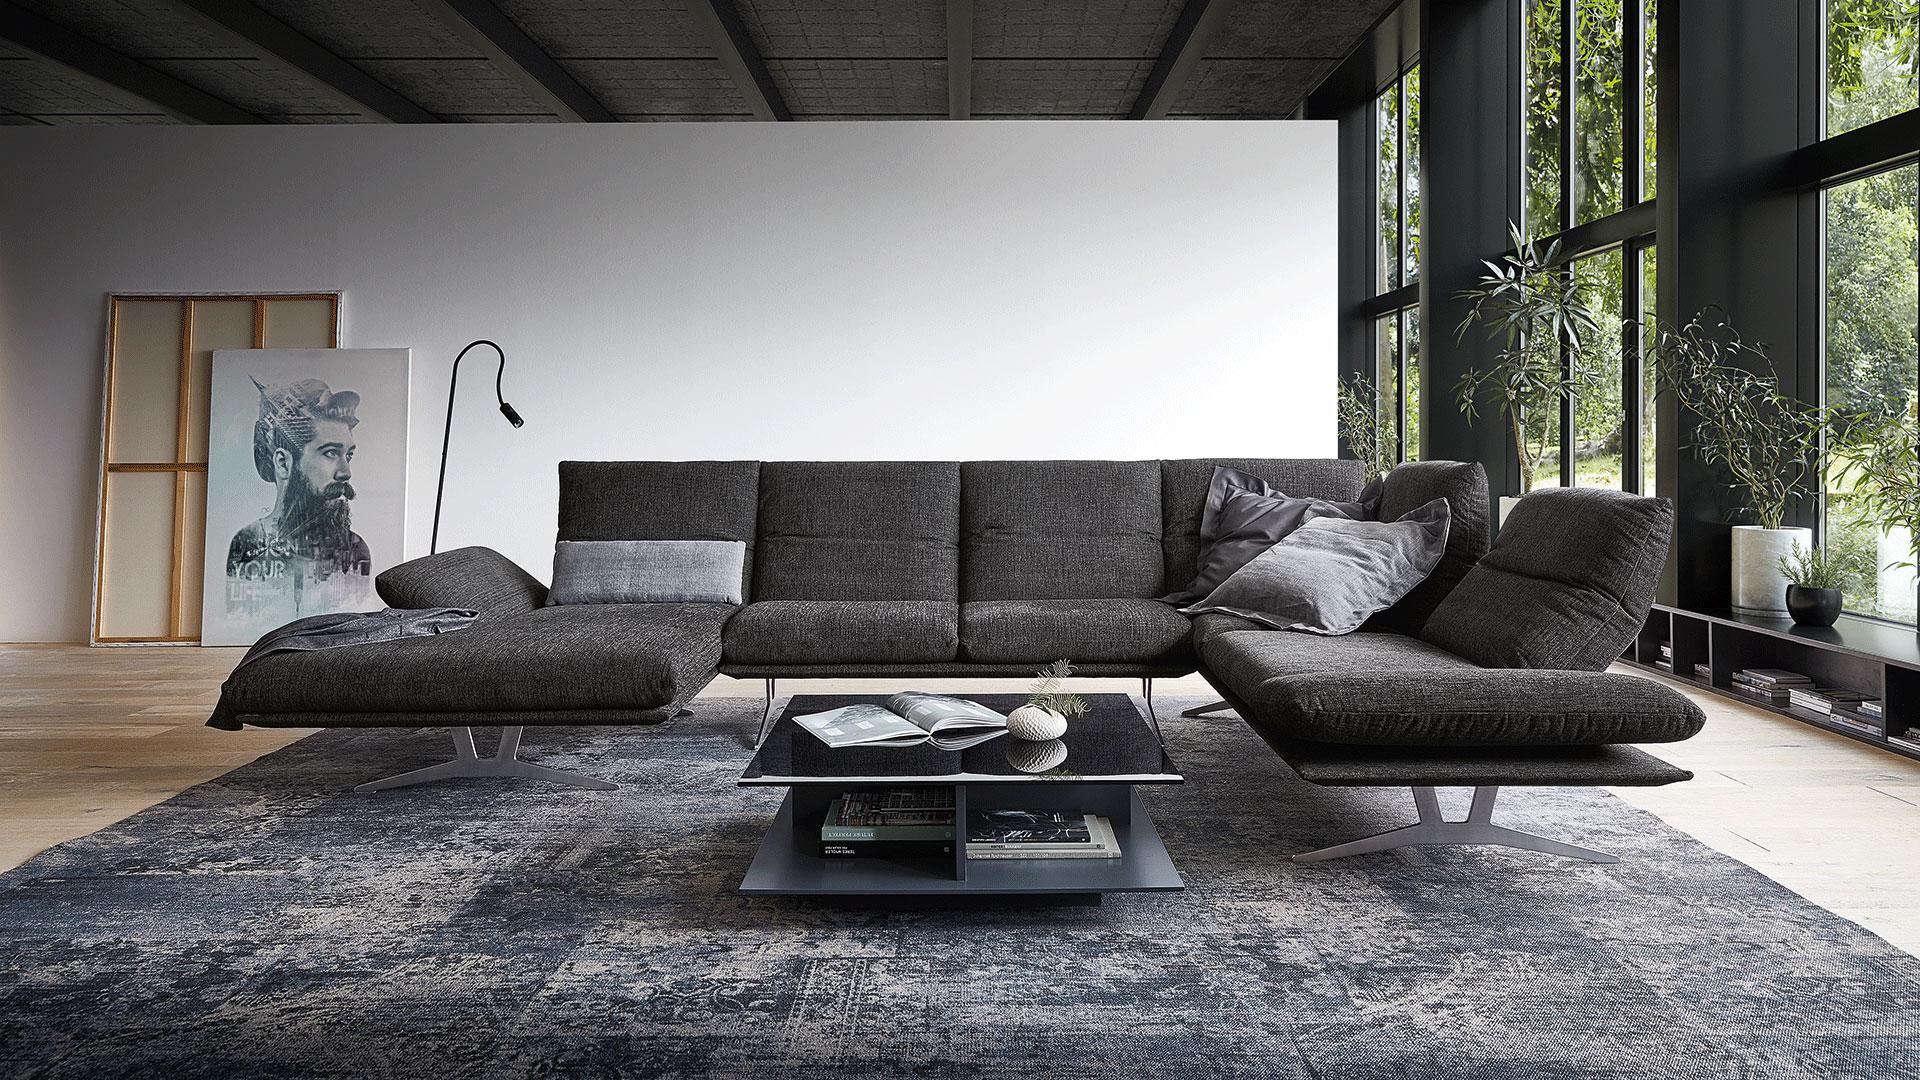 Full Size of Koinor Sofa Francis Preis Outlet Gebraucht Kaufen Couch Erfahrungen Preisliste 2 Sitzer Leder Gera Braun Konfigurieren Boschung Big Xxl De Sede Sam 3 Mit Sofa Koinor Sofa